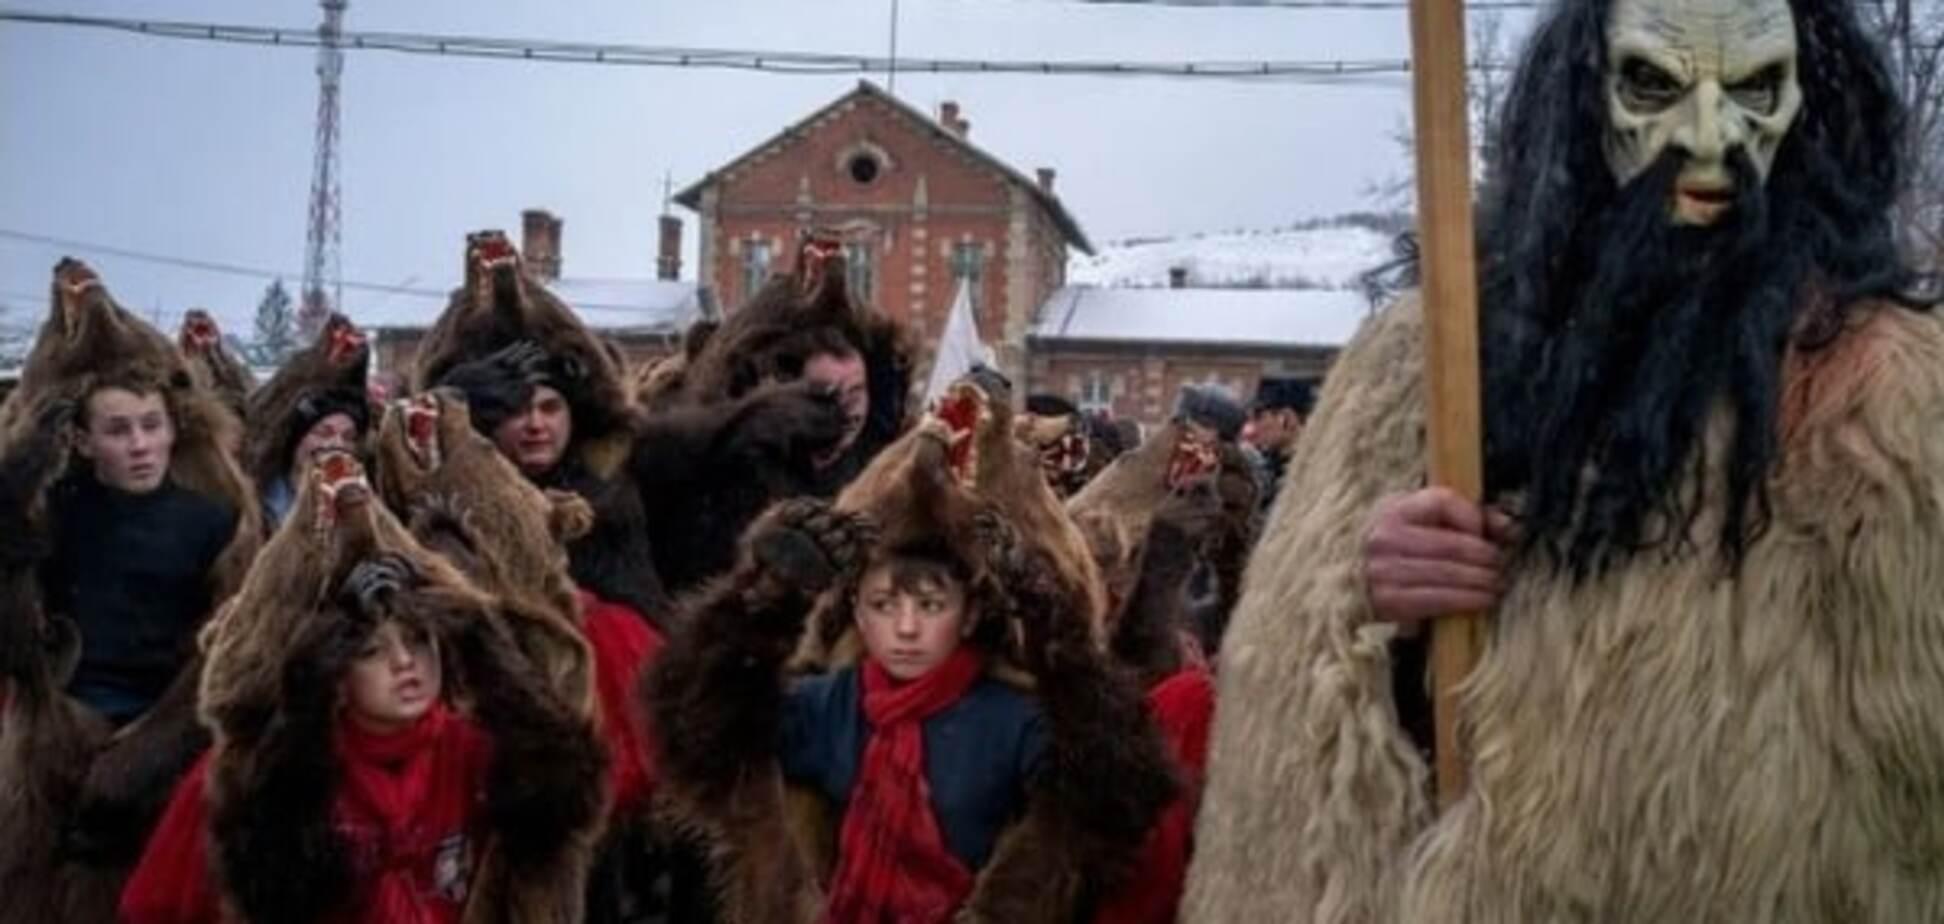 Новий рік у Східній Європі: ведмежі танці, плацинди і чічілаки